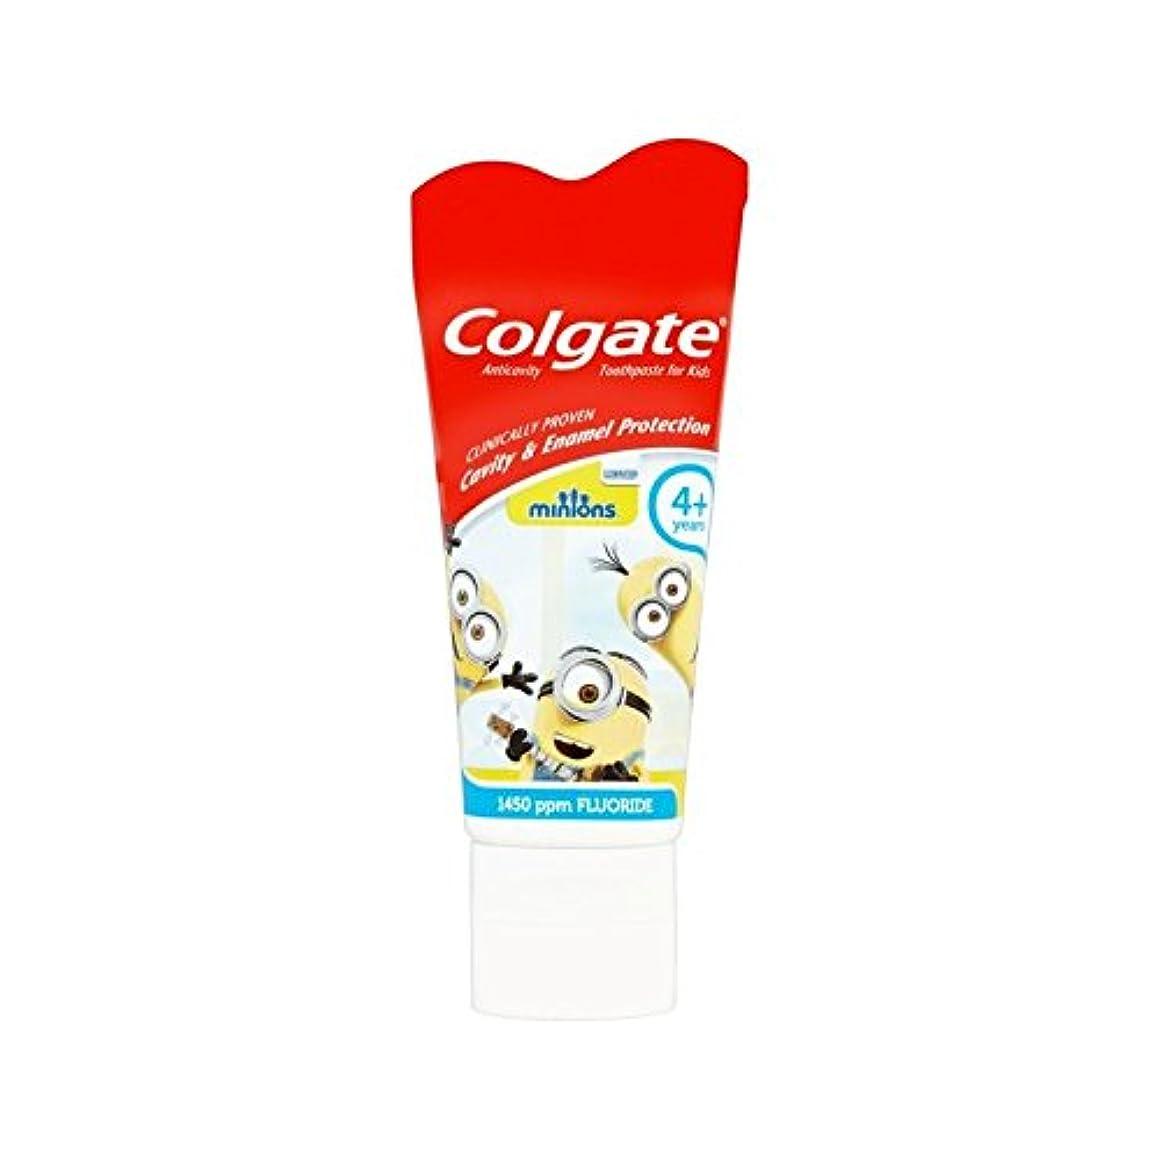 作家いじめっ子良さ手下の子供4+歯磨き粉50ミリリットル (Colgate) (x 2) - Colgate Minions Kids 4+ Toothpaste 50ml (Pack of 2) [並行輸入品]